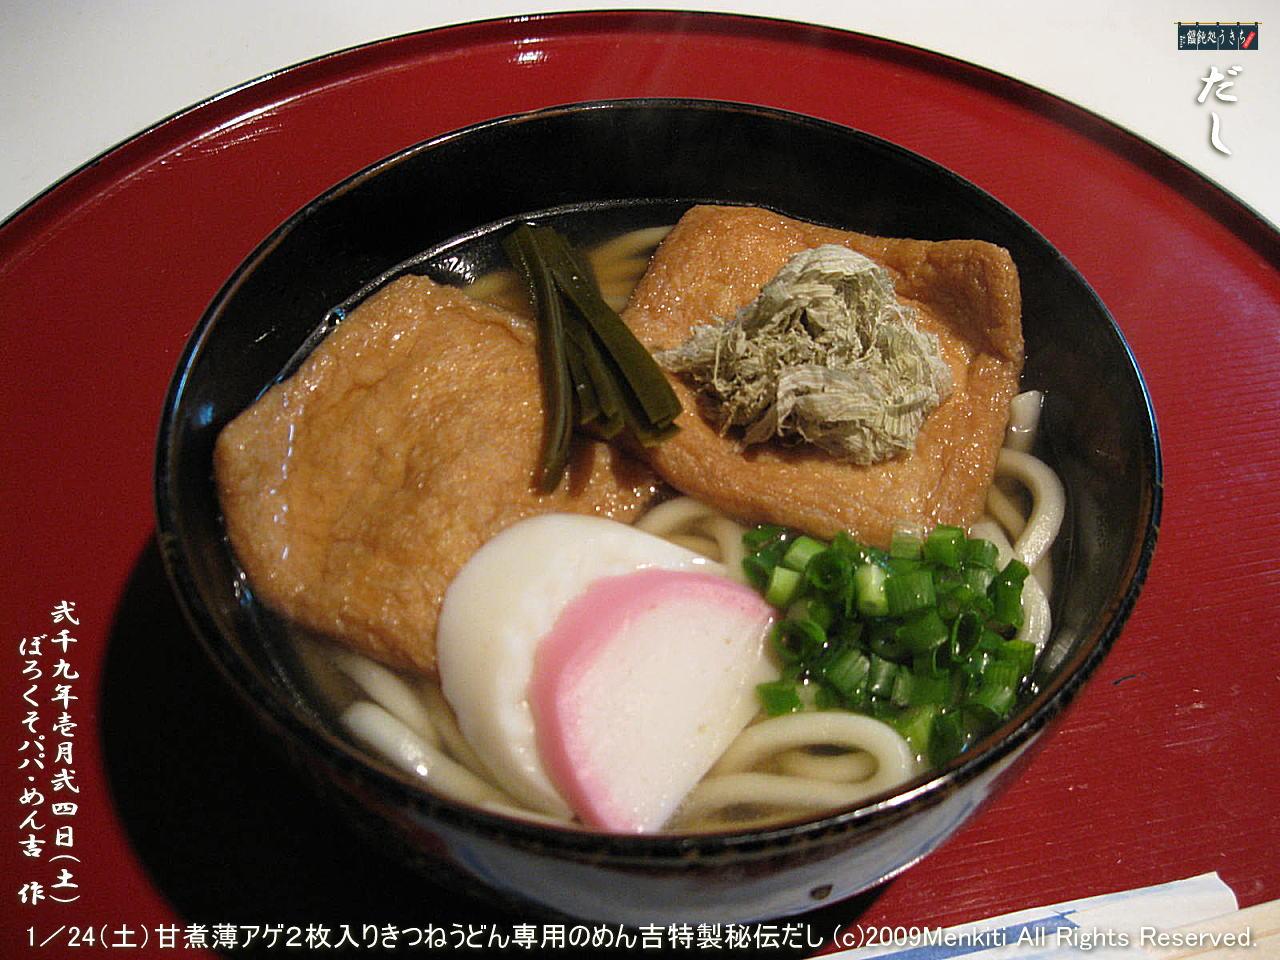 めん吉特製秘伝だし(出汁・ダシ)のきつねうどん(4) (c)2009Menkiti All Rights Reserved